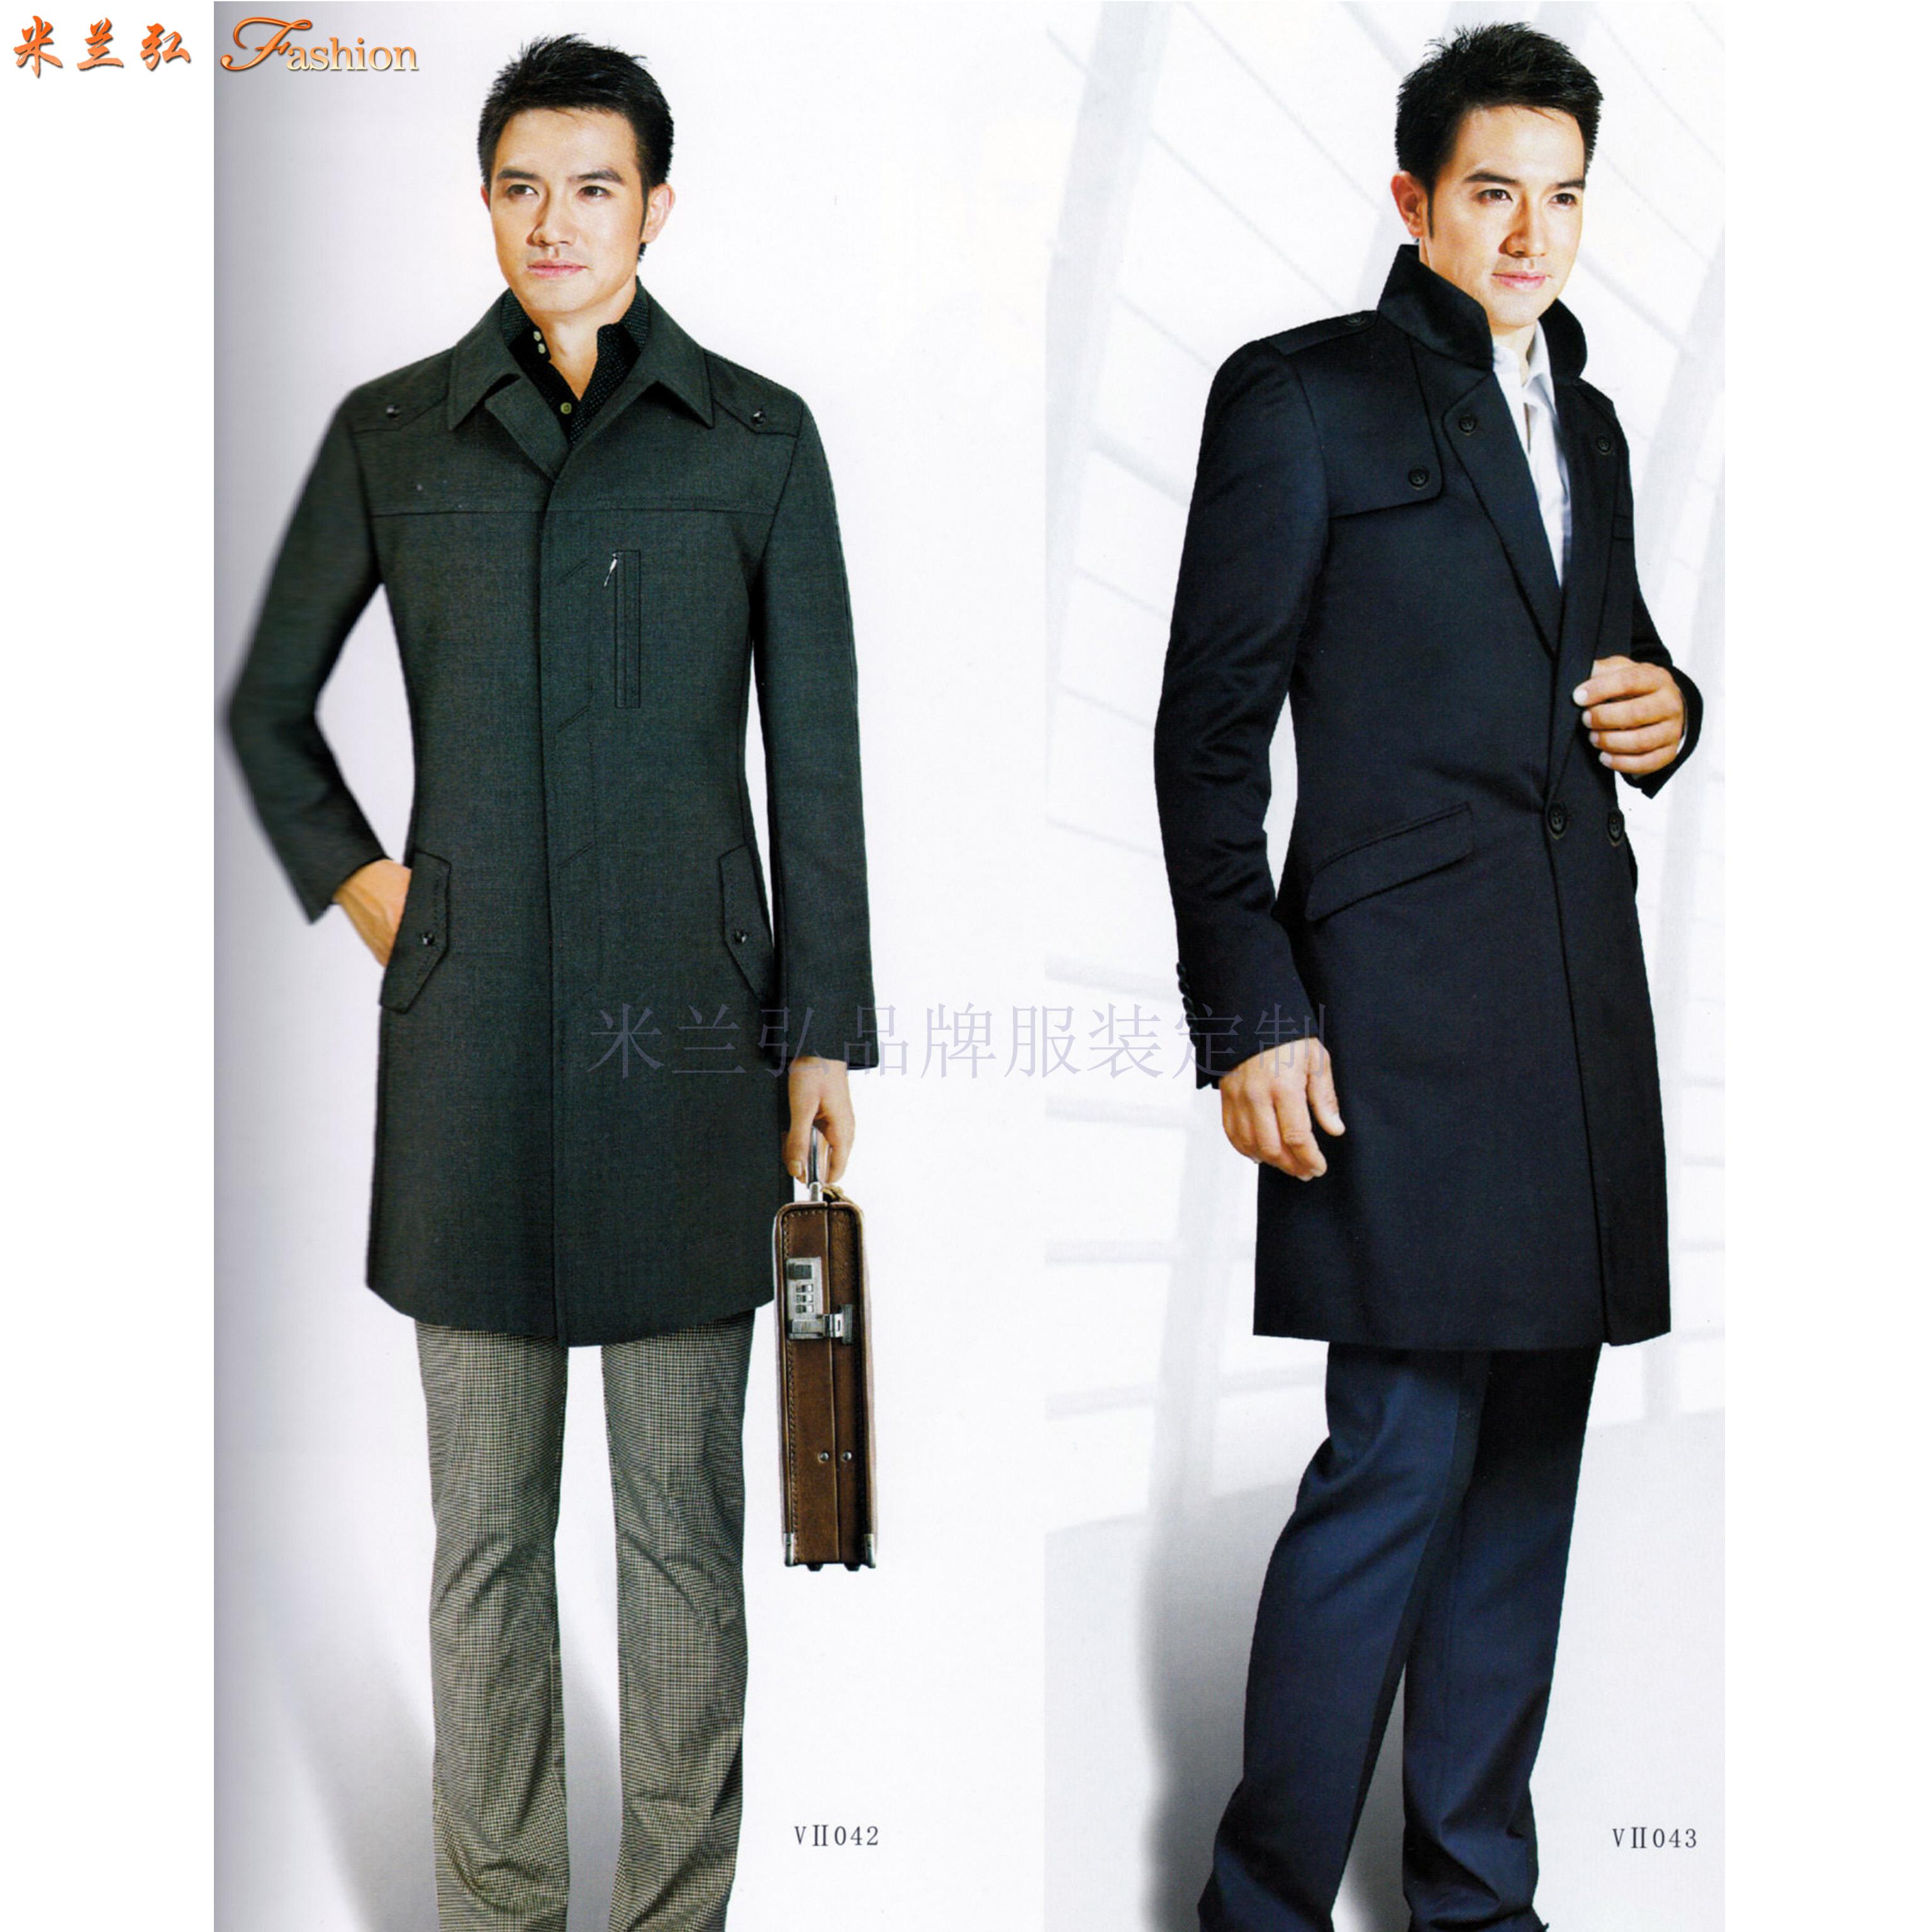 「山東大衣定制」「煙臺市大衣訂做」厚實暖和-米蘭弘服裝-4